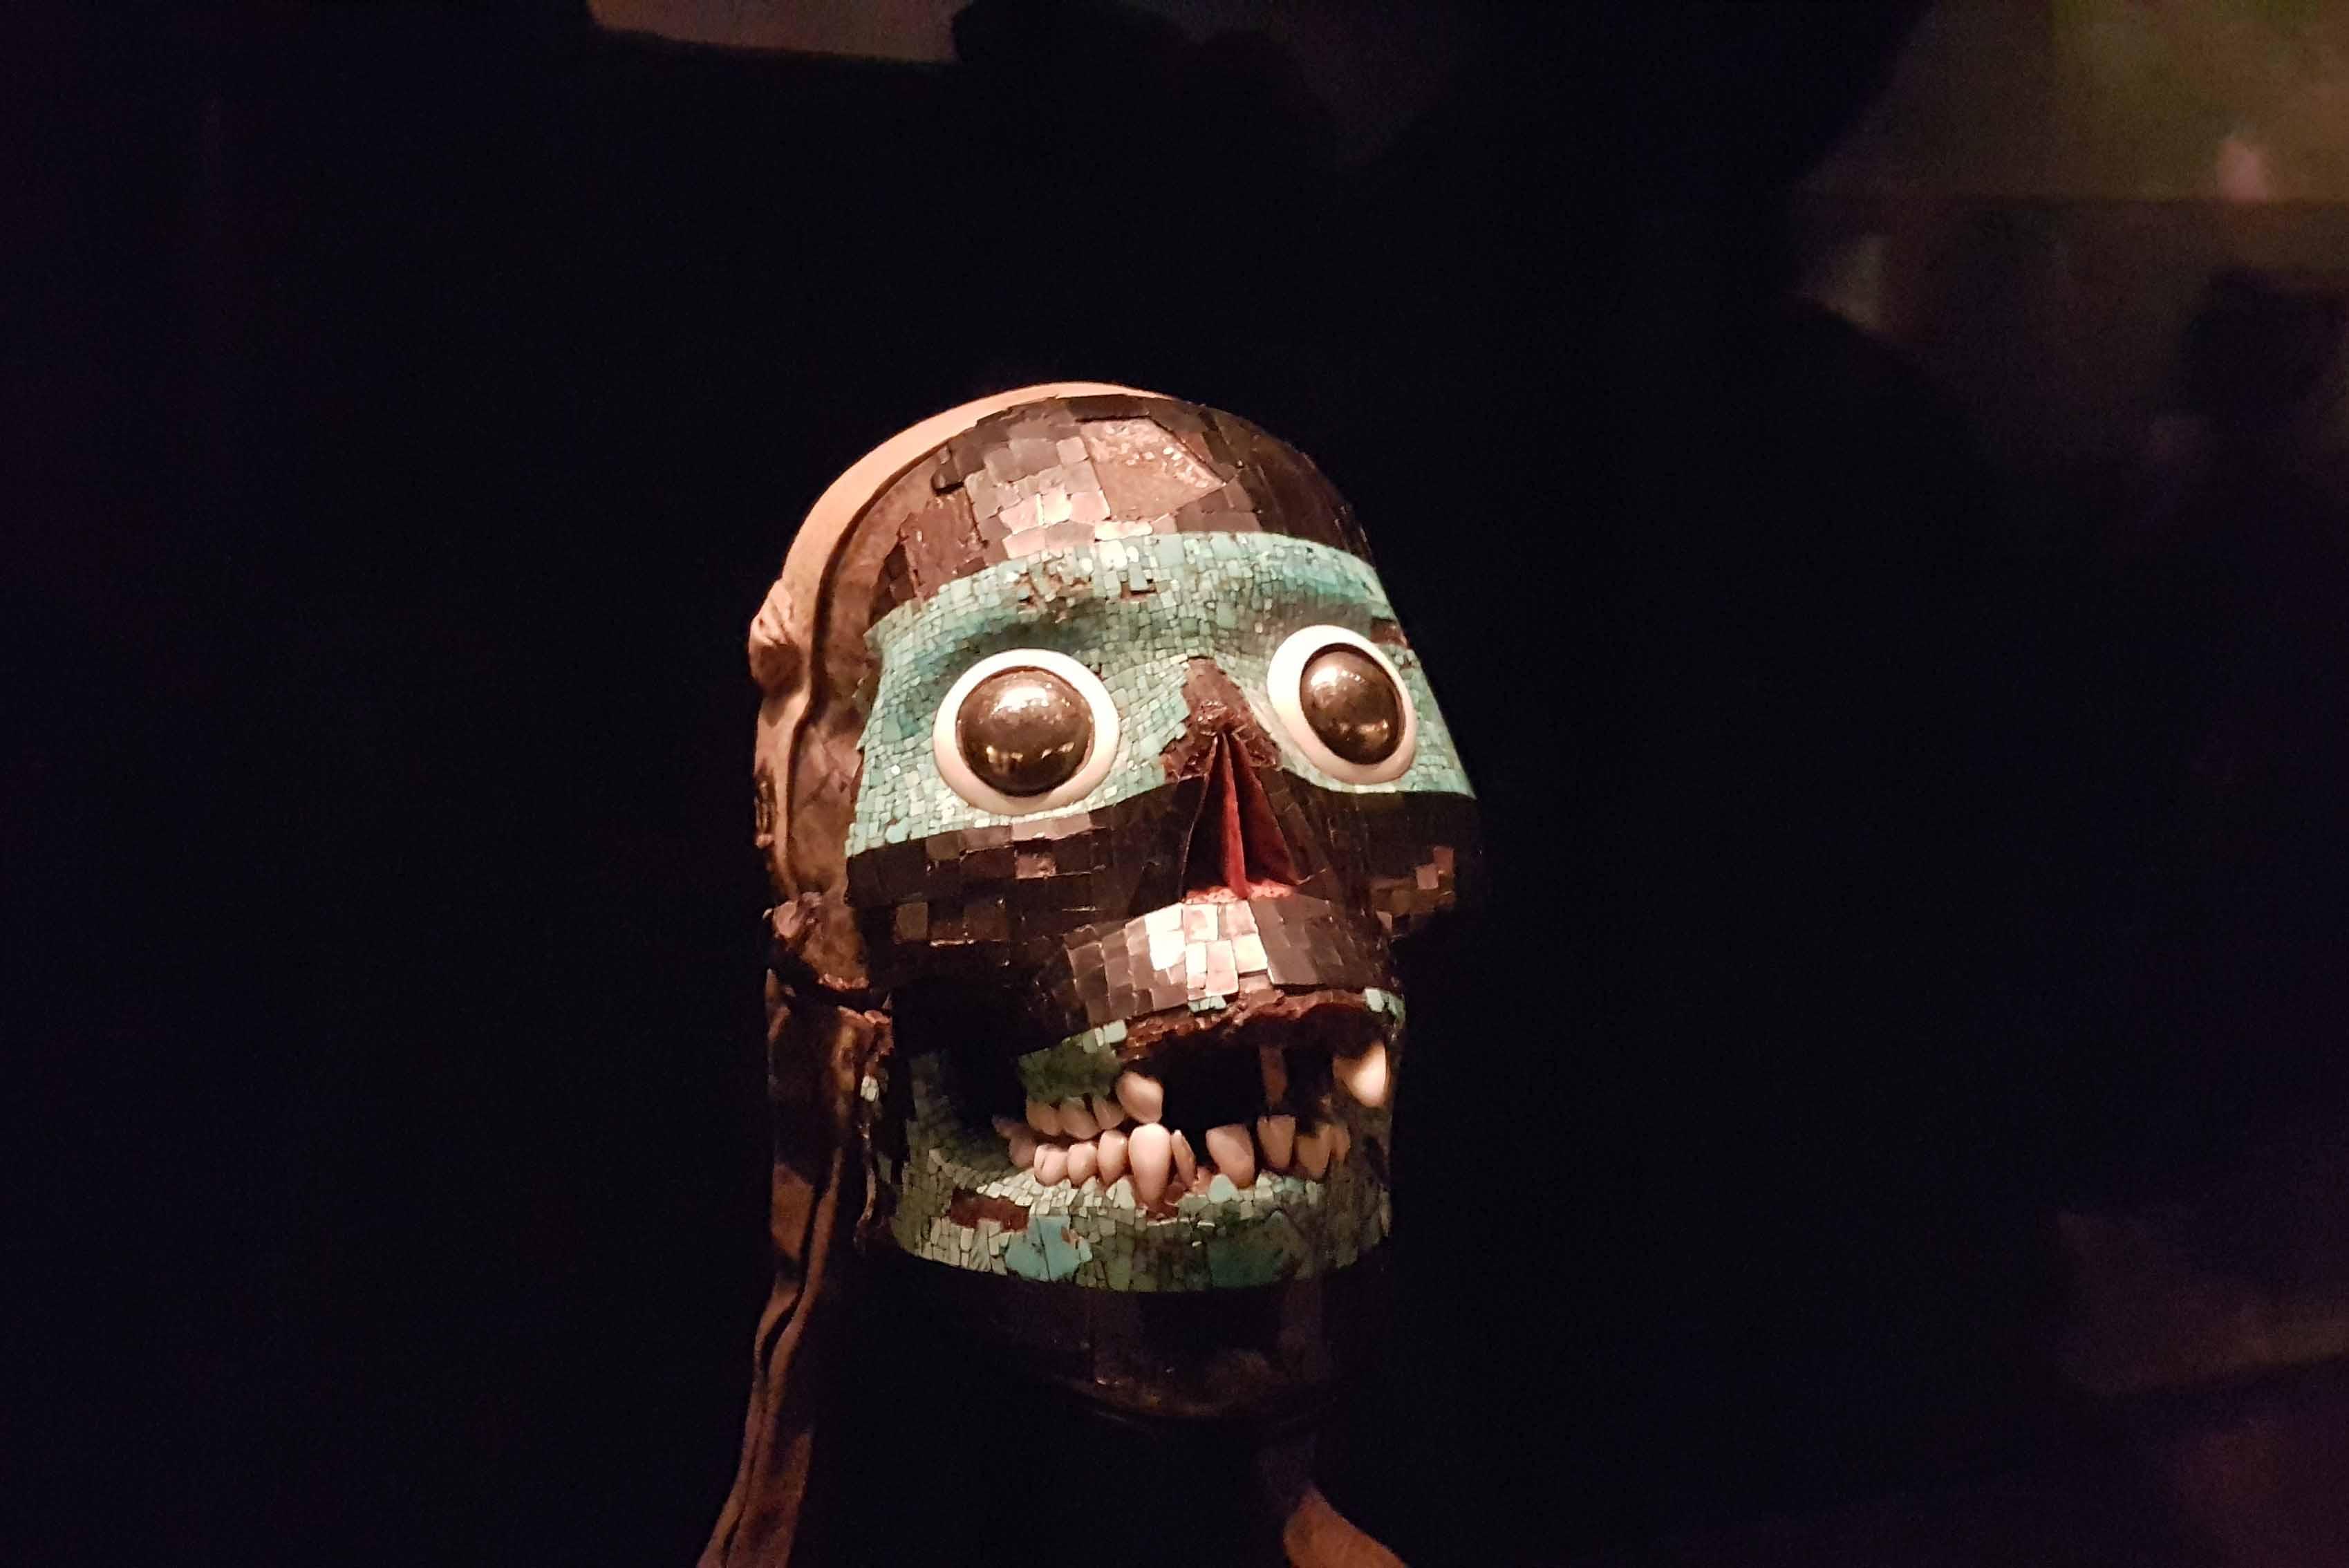 Máscara em um crânio - Ala de arte mexicana/asteca - British Museum - Londres